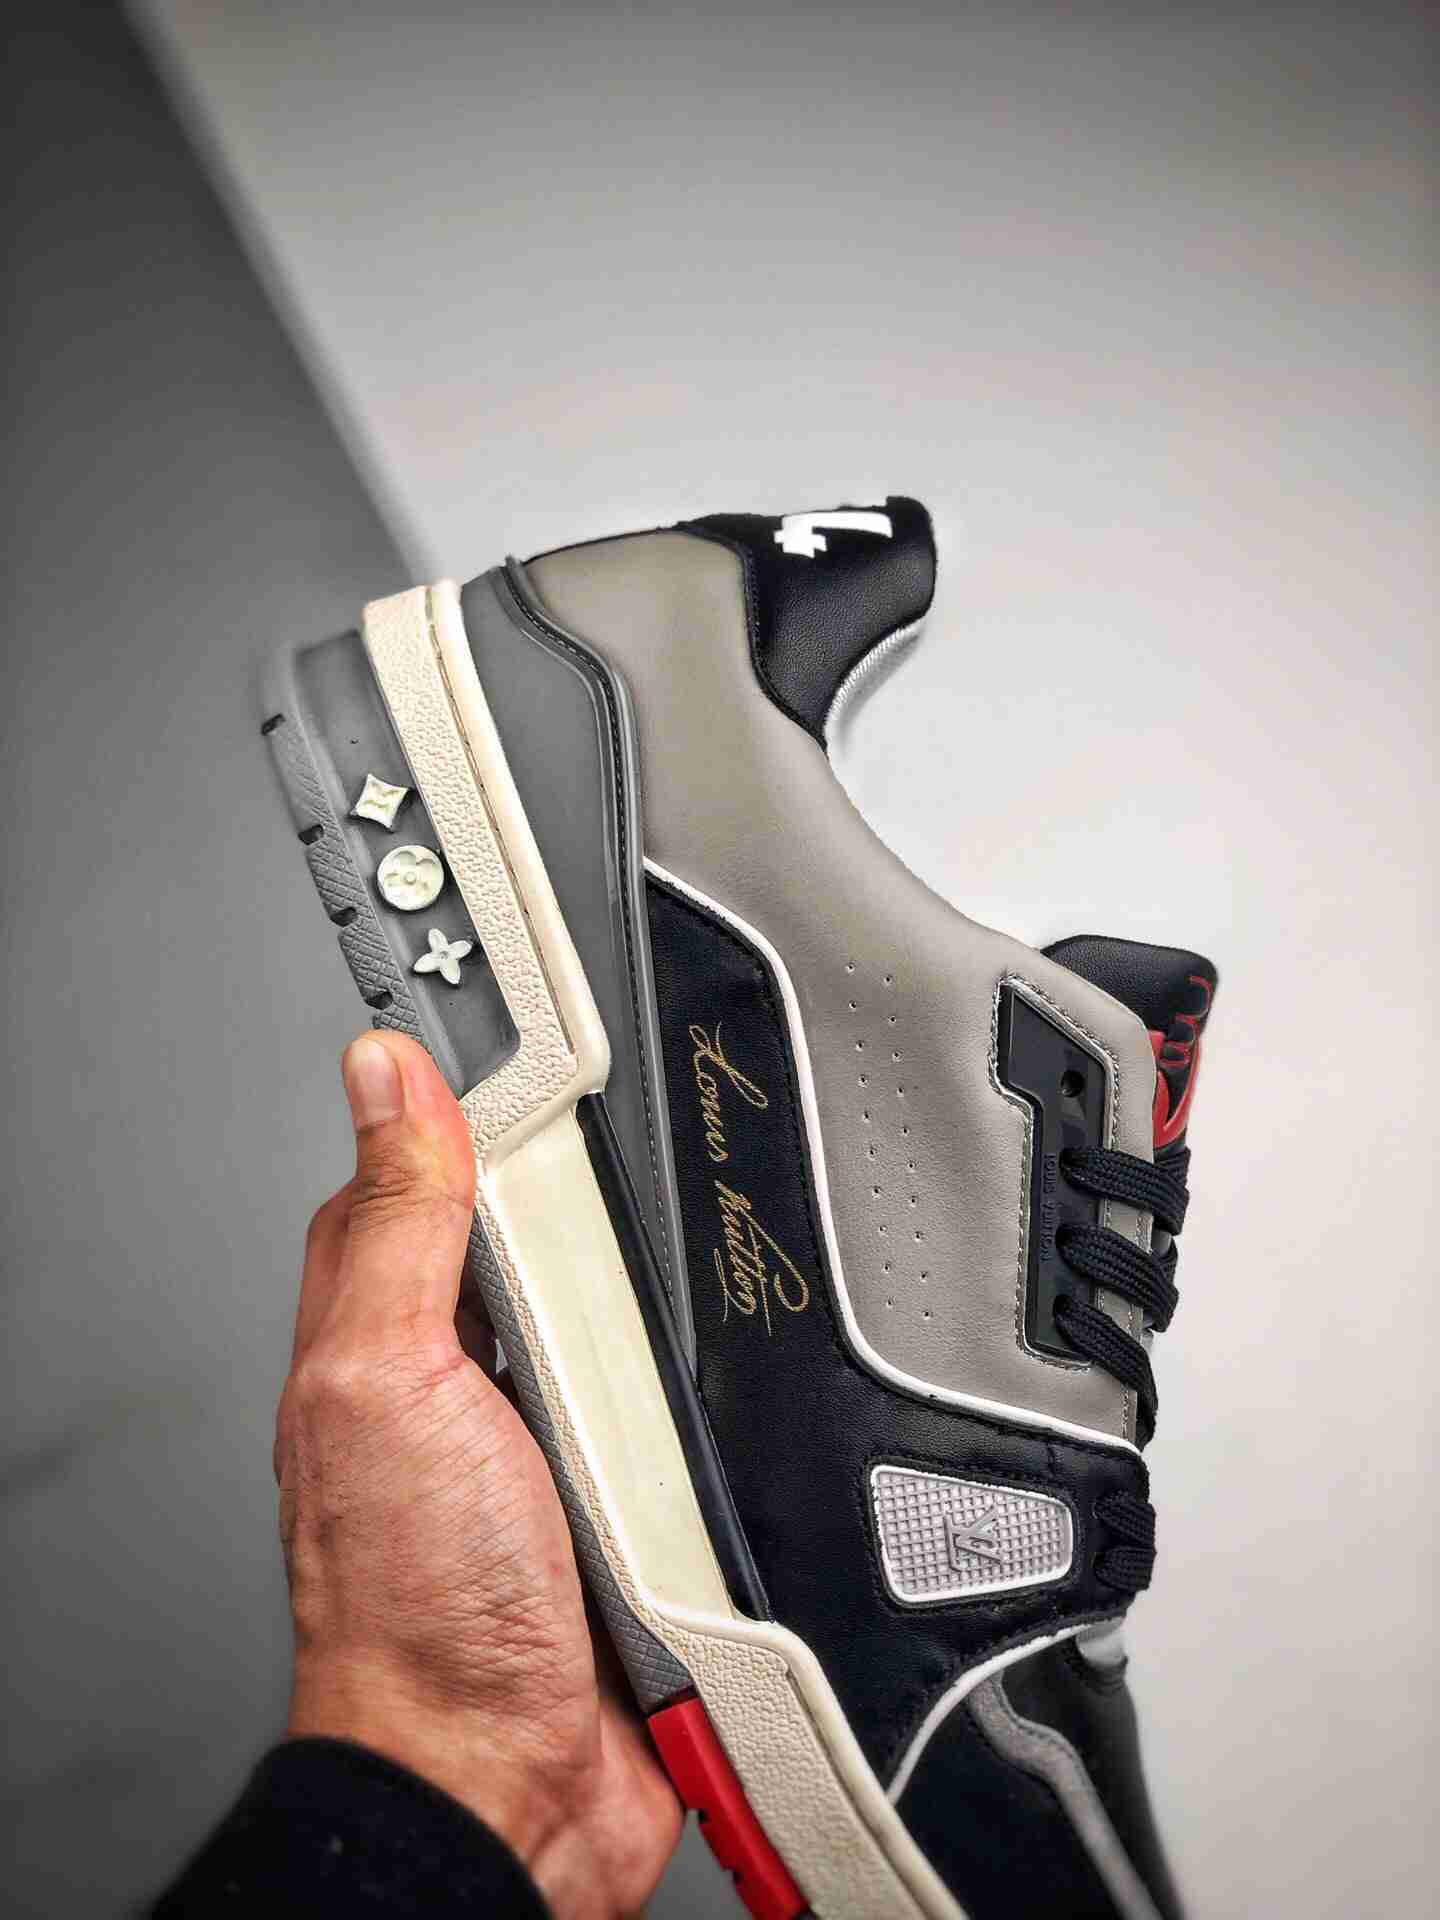 1V 驴牌官方秀款 专柜同步发售 鞋面采用意大利进口头层牛皮,全进口羊皮内里